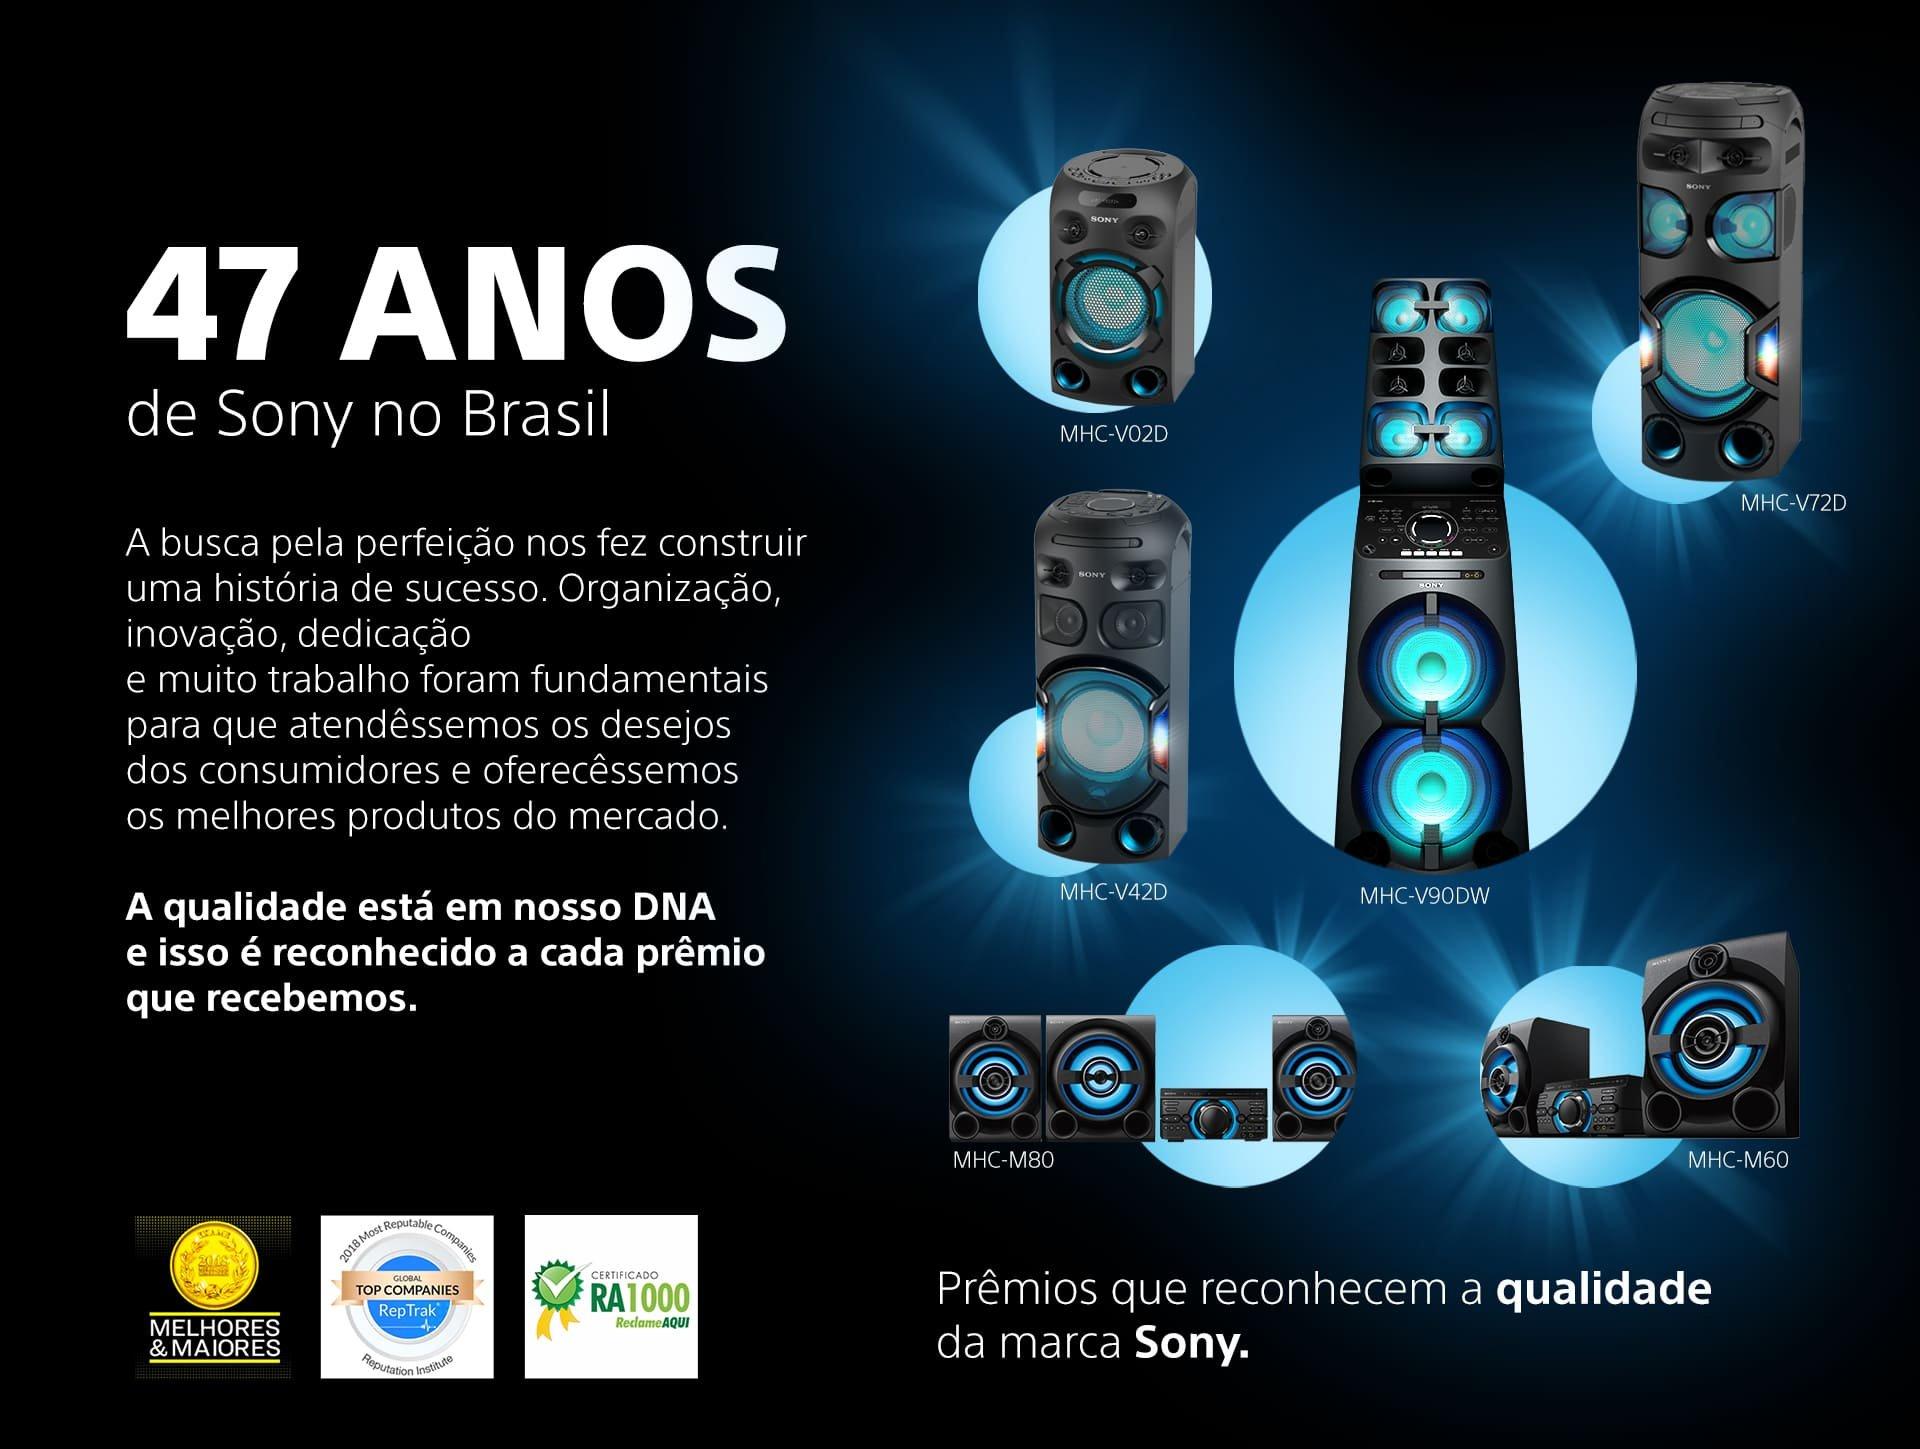 47 Anos de Sony no Brasil